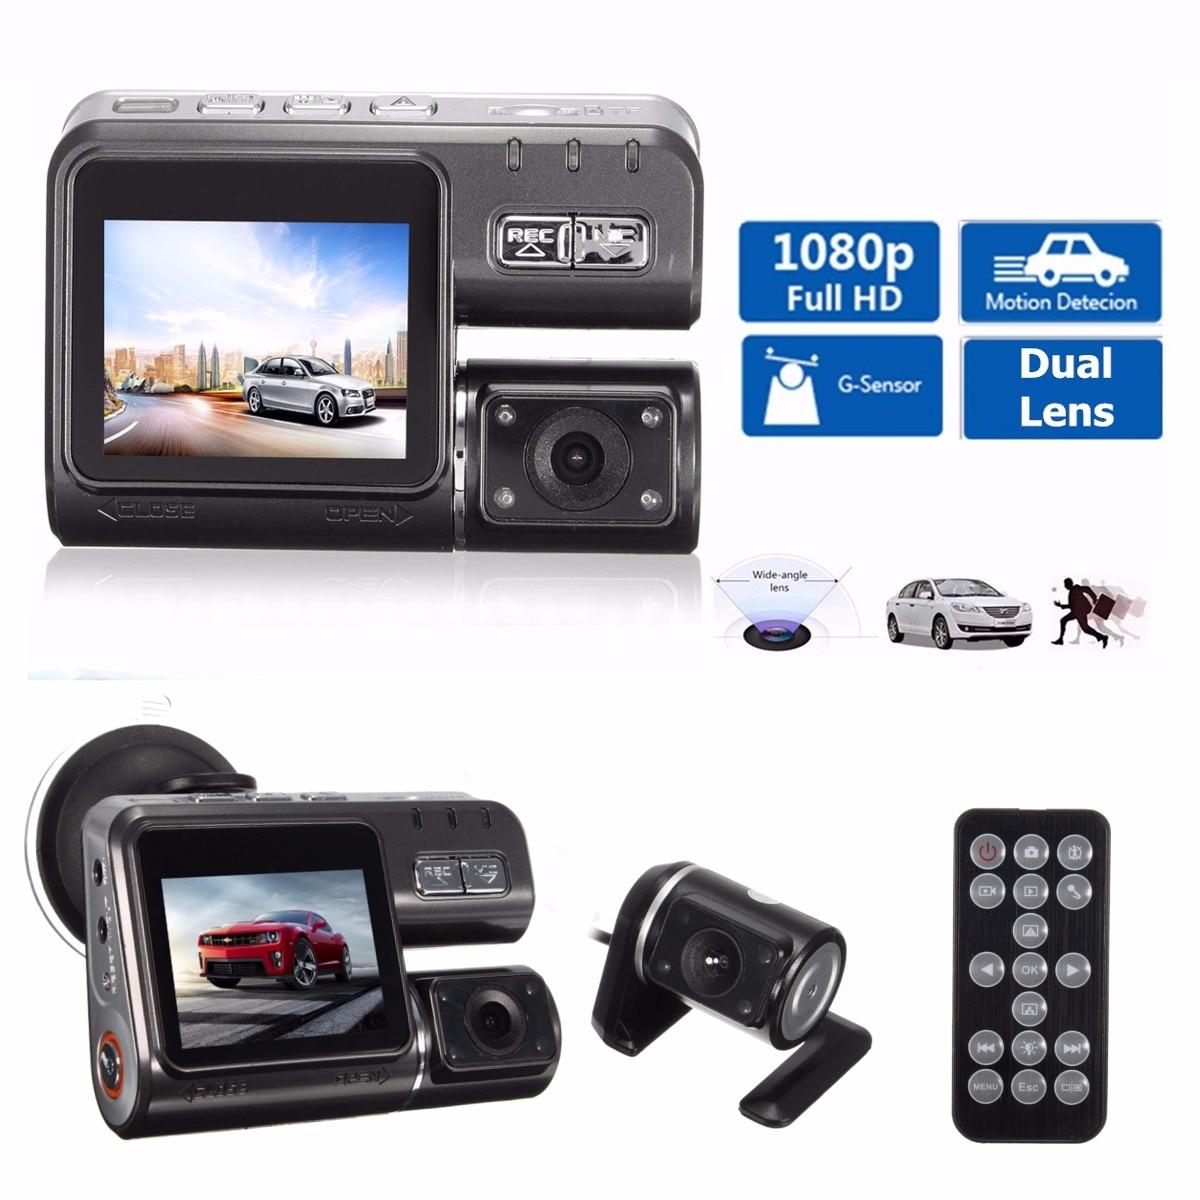 Двойная камера DVR i1000 Full HD 1080P с двумя объективами видеорегистратор 2 камеры ночного видения Автомобильный видеорегистратор видеокамера i1000s ...